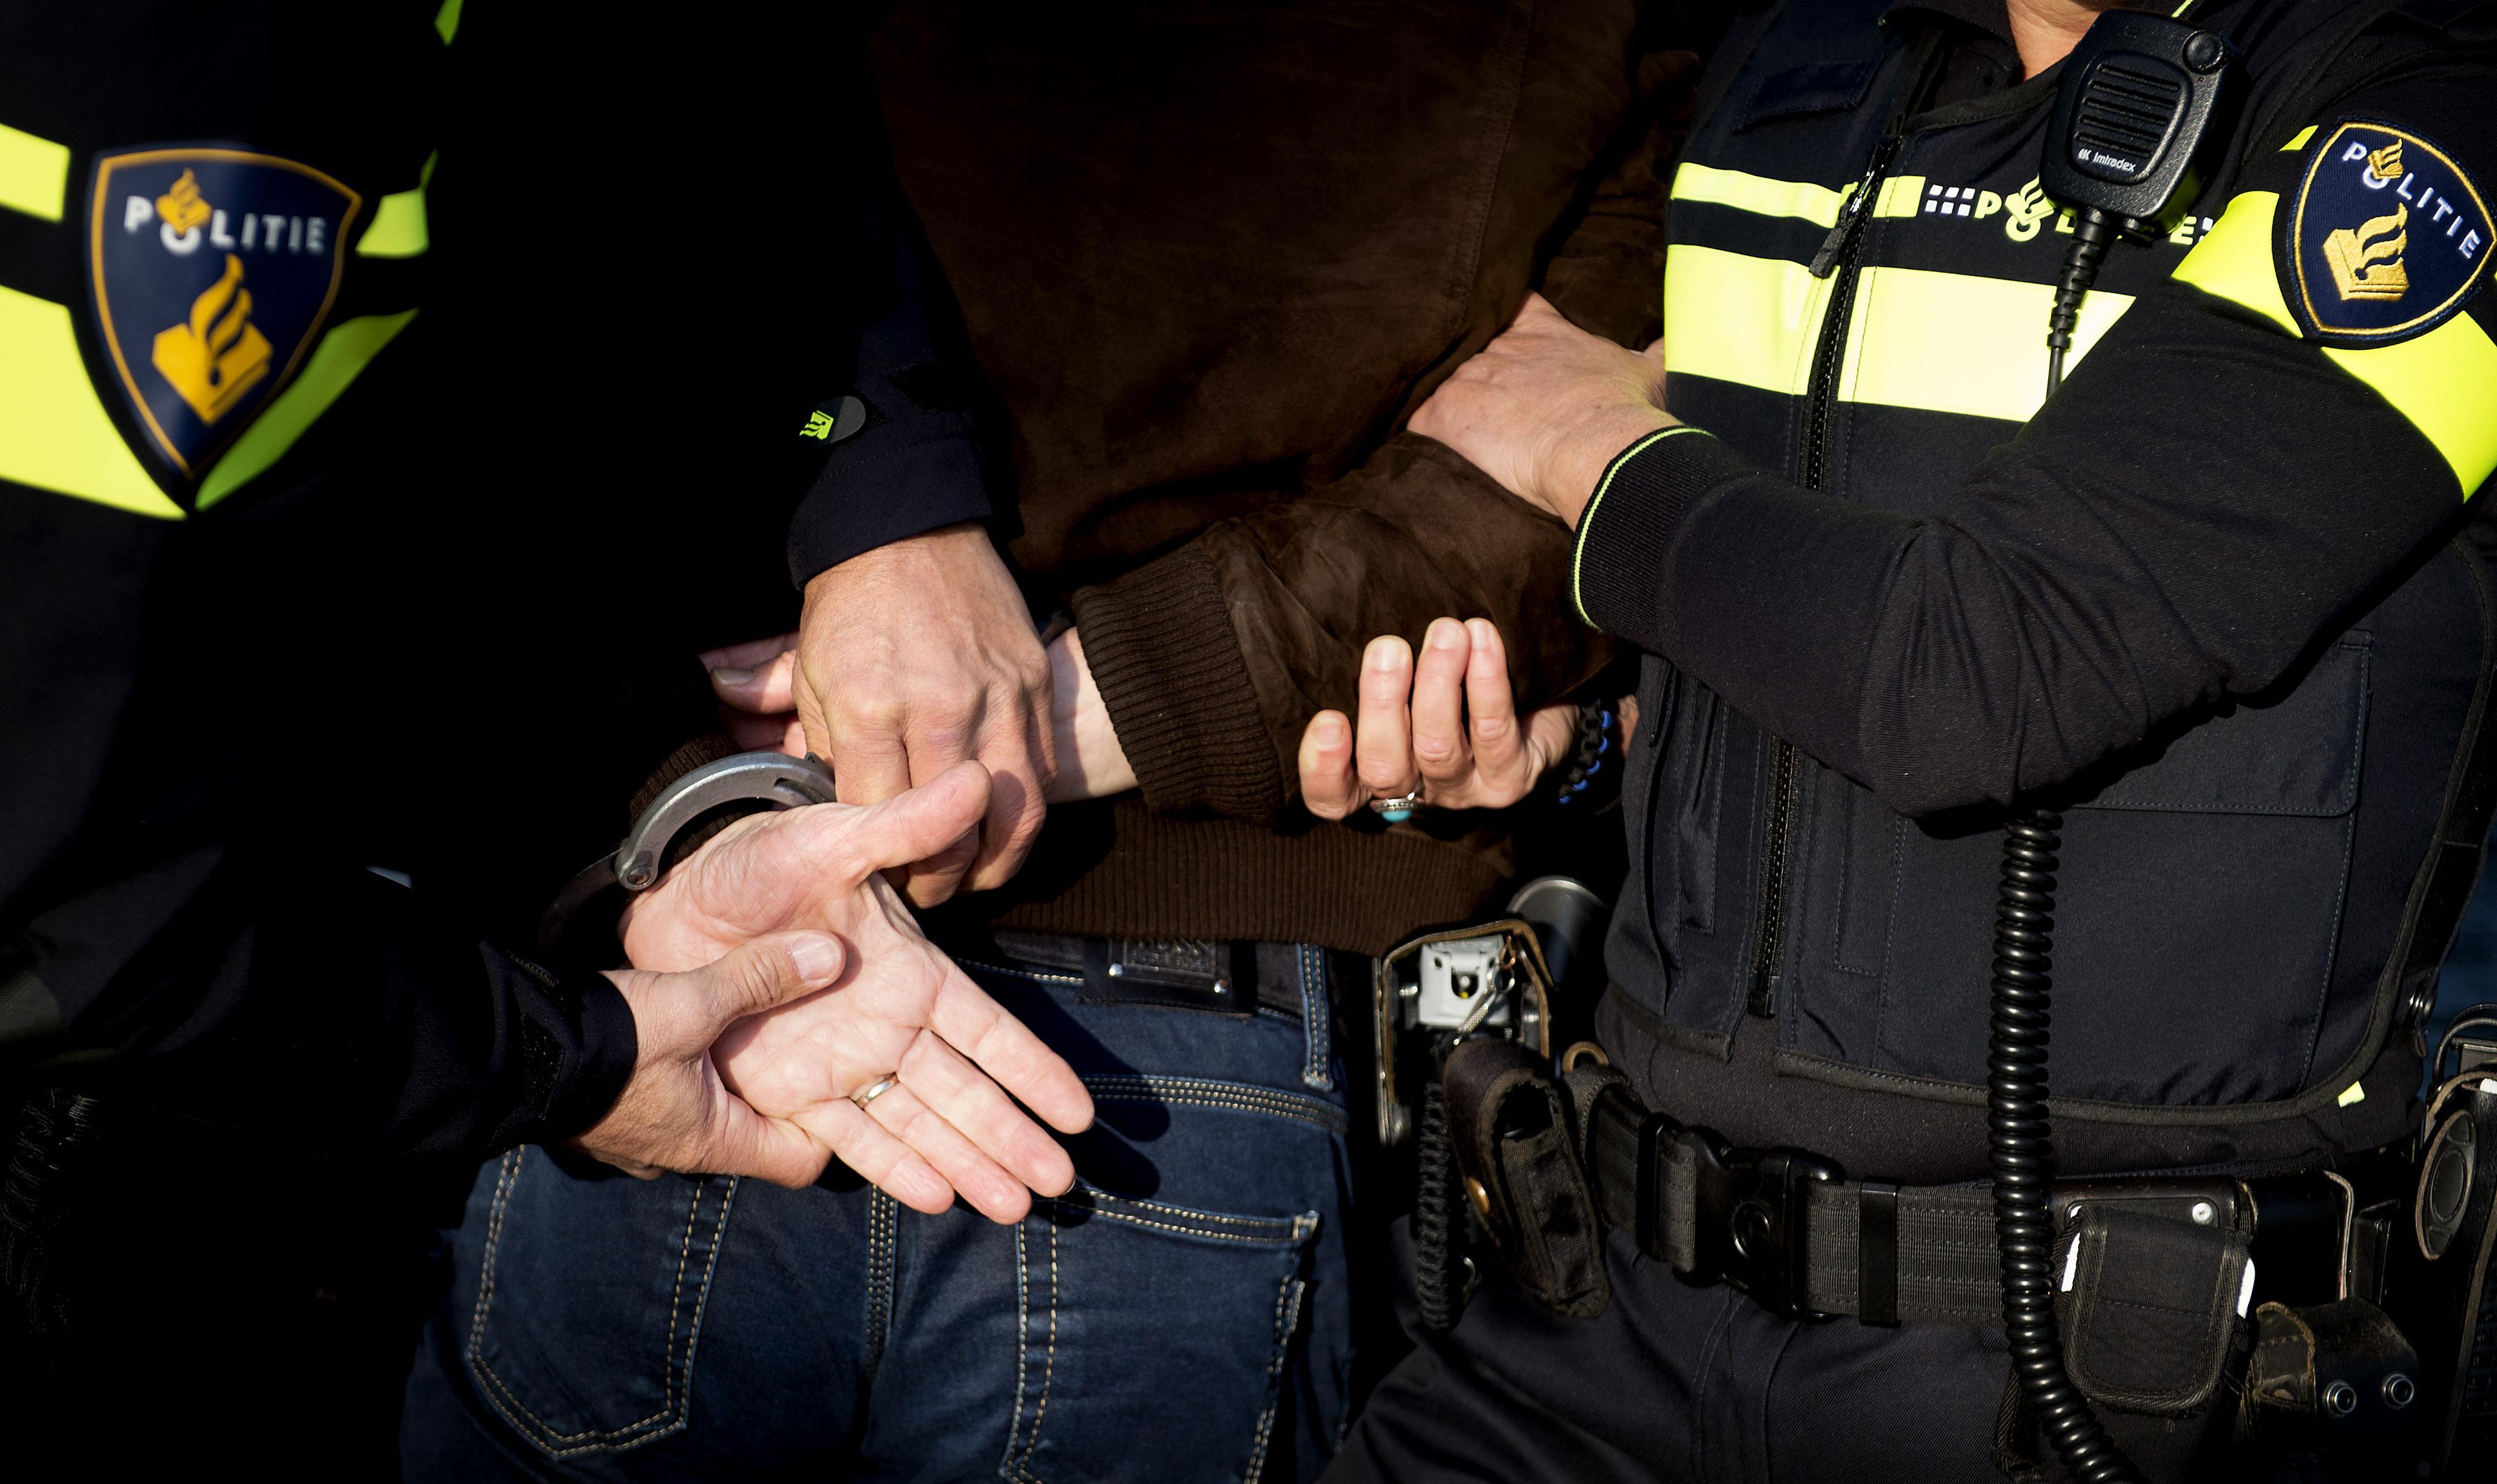 Huis overhoop gehaald tijdens inbraak in Rijnsburg, bewoners op vakantie